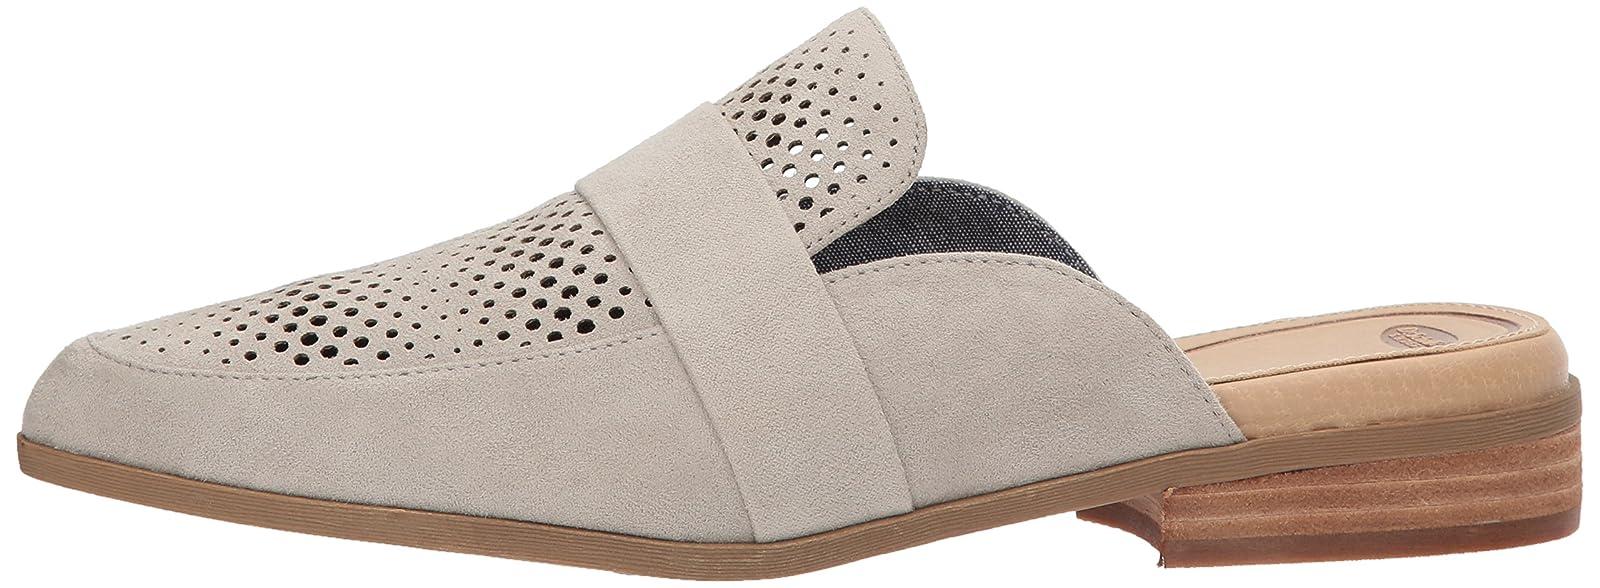 Dr. Scholl's Shoes Women's Exact Chop Mule F6419F1 - 5